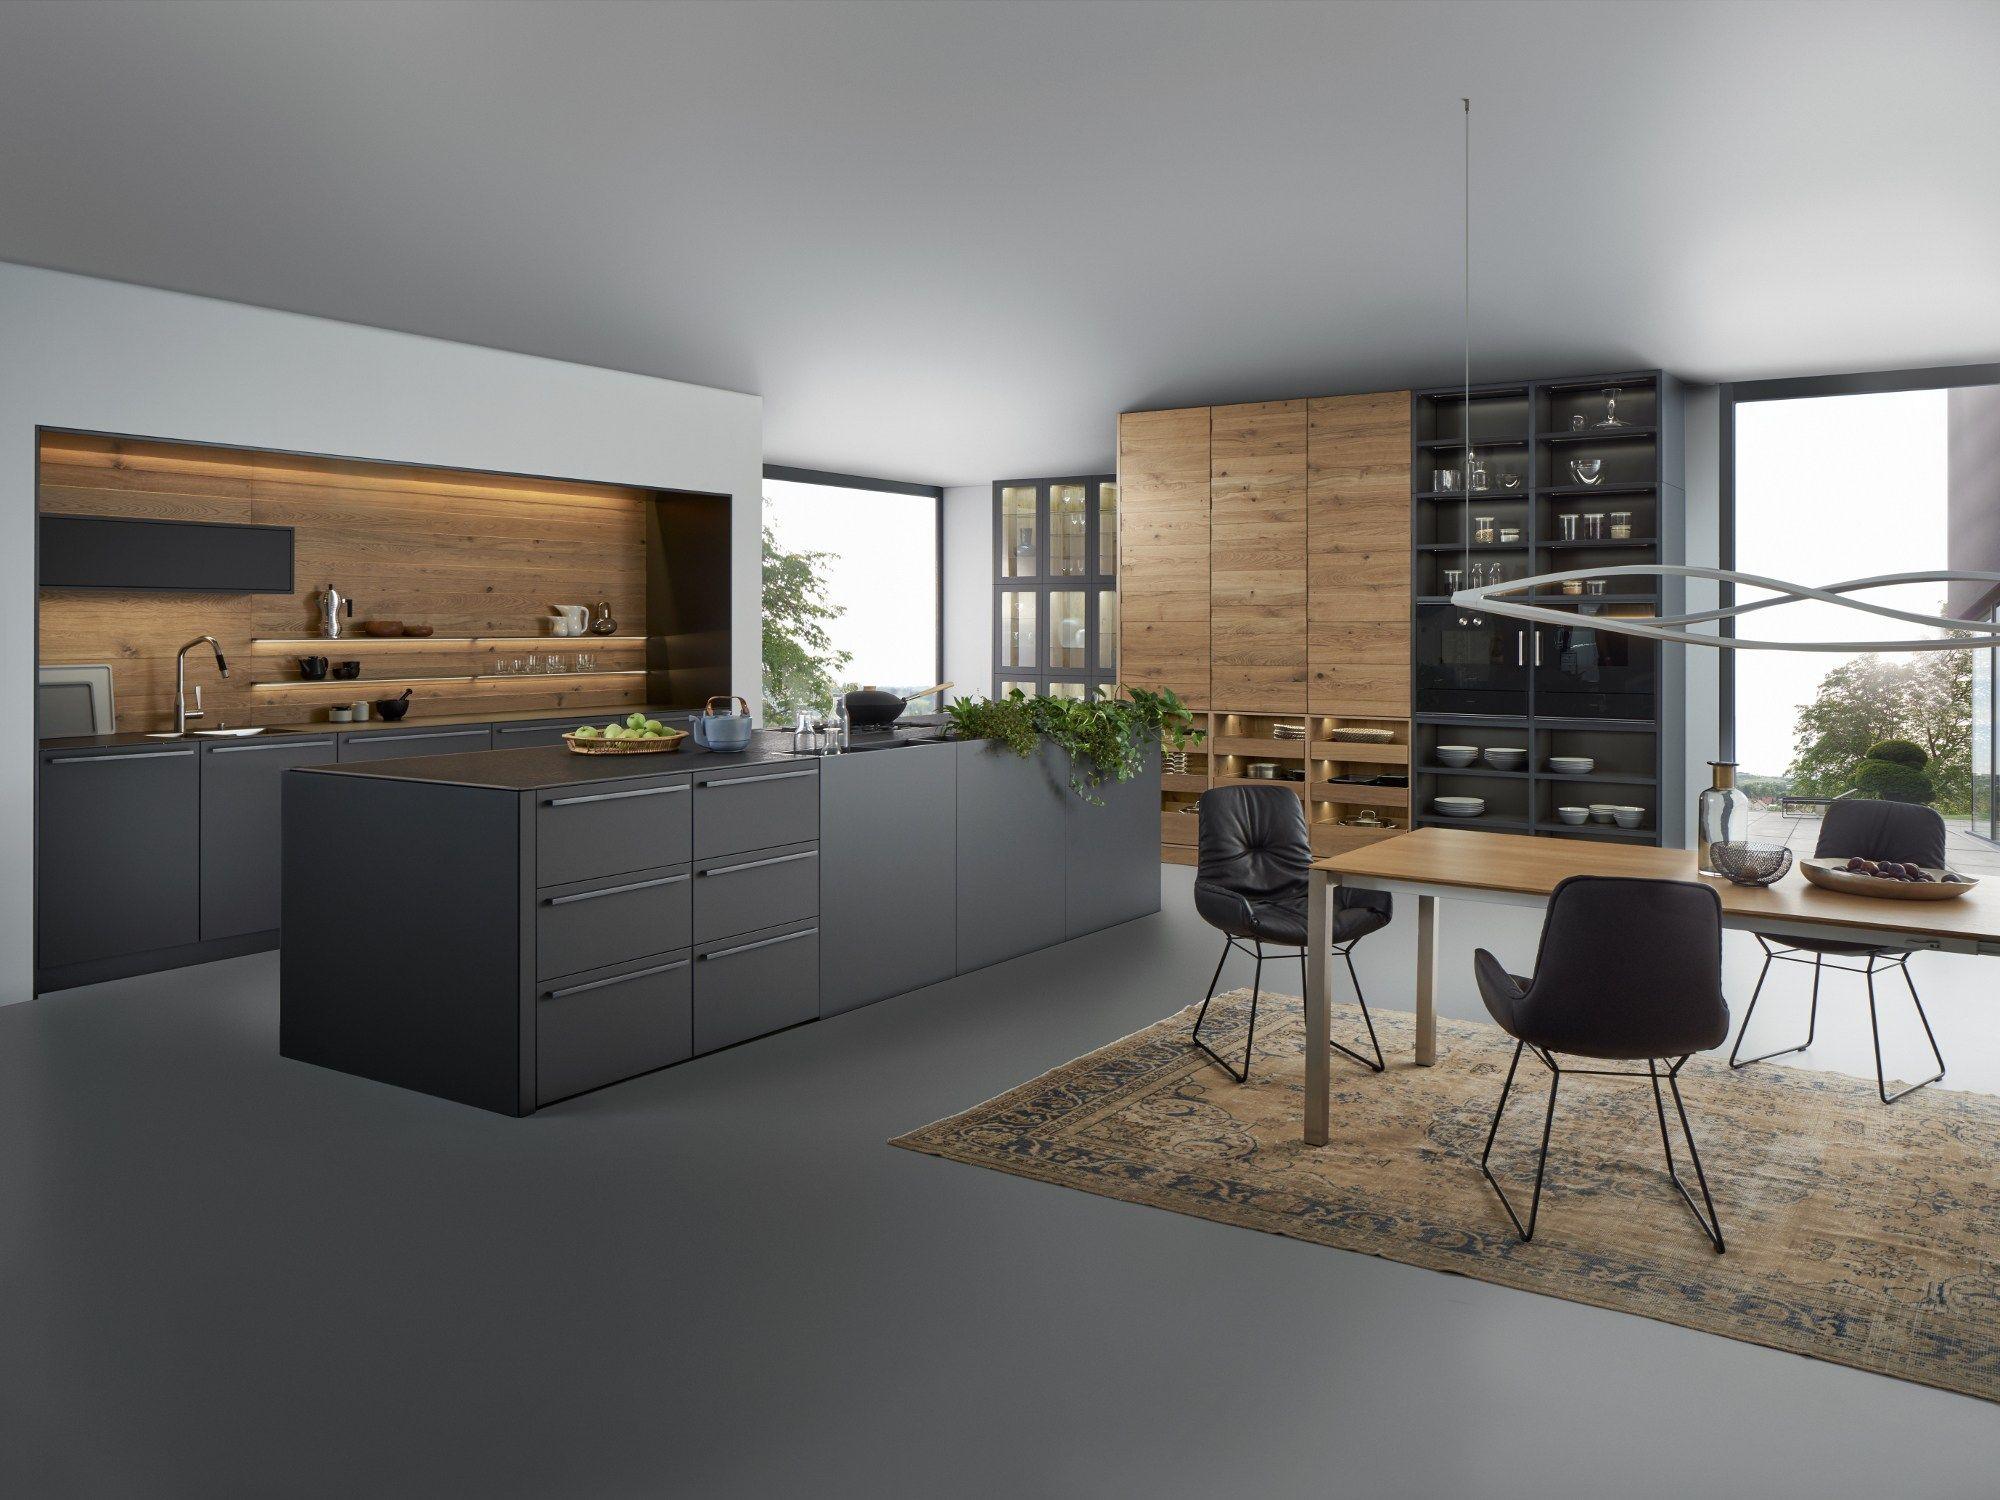 leicht k che hausgestaltung ideen. Black Bedroom Furniture Sets. Home Design Ideas